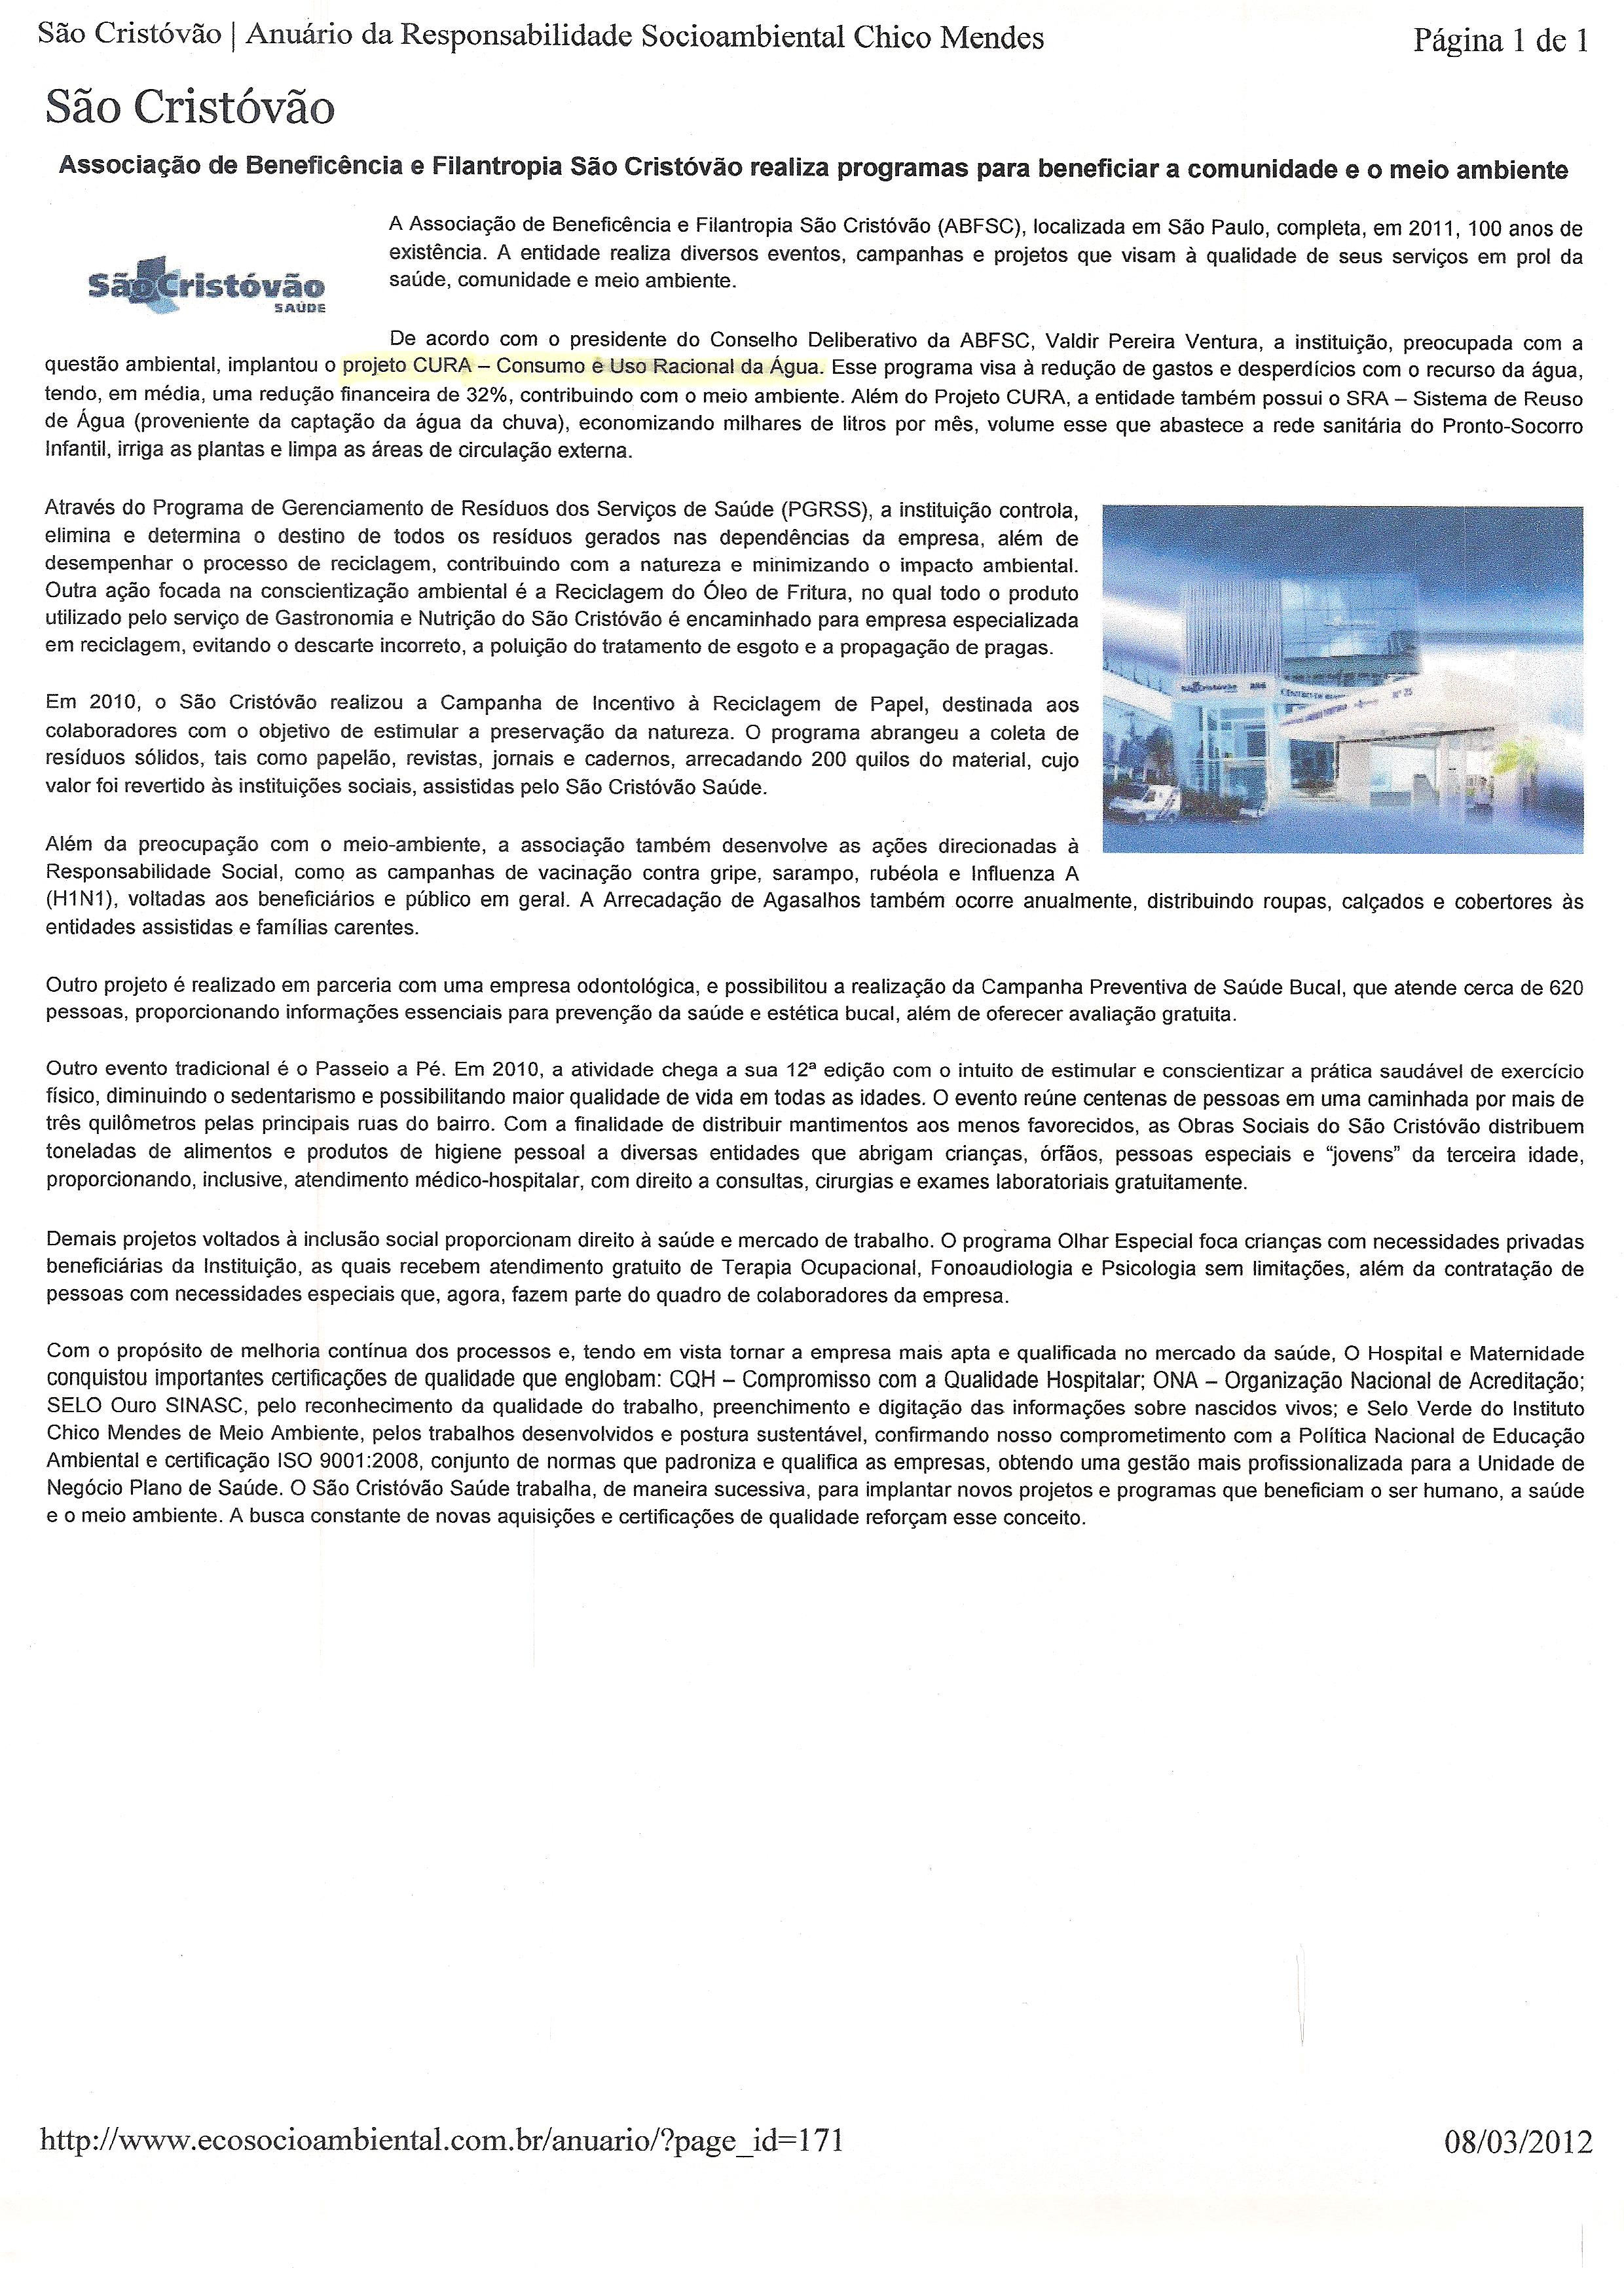 Doc_Sao+Cristovao+001.jpg